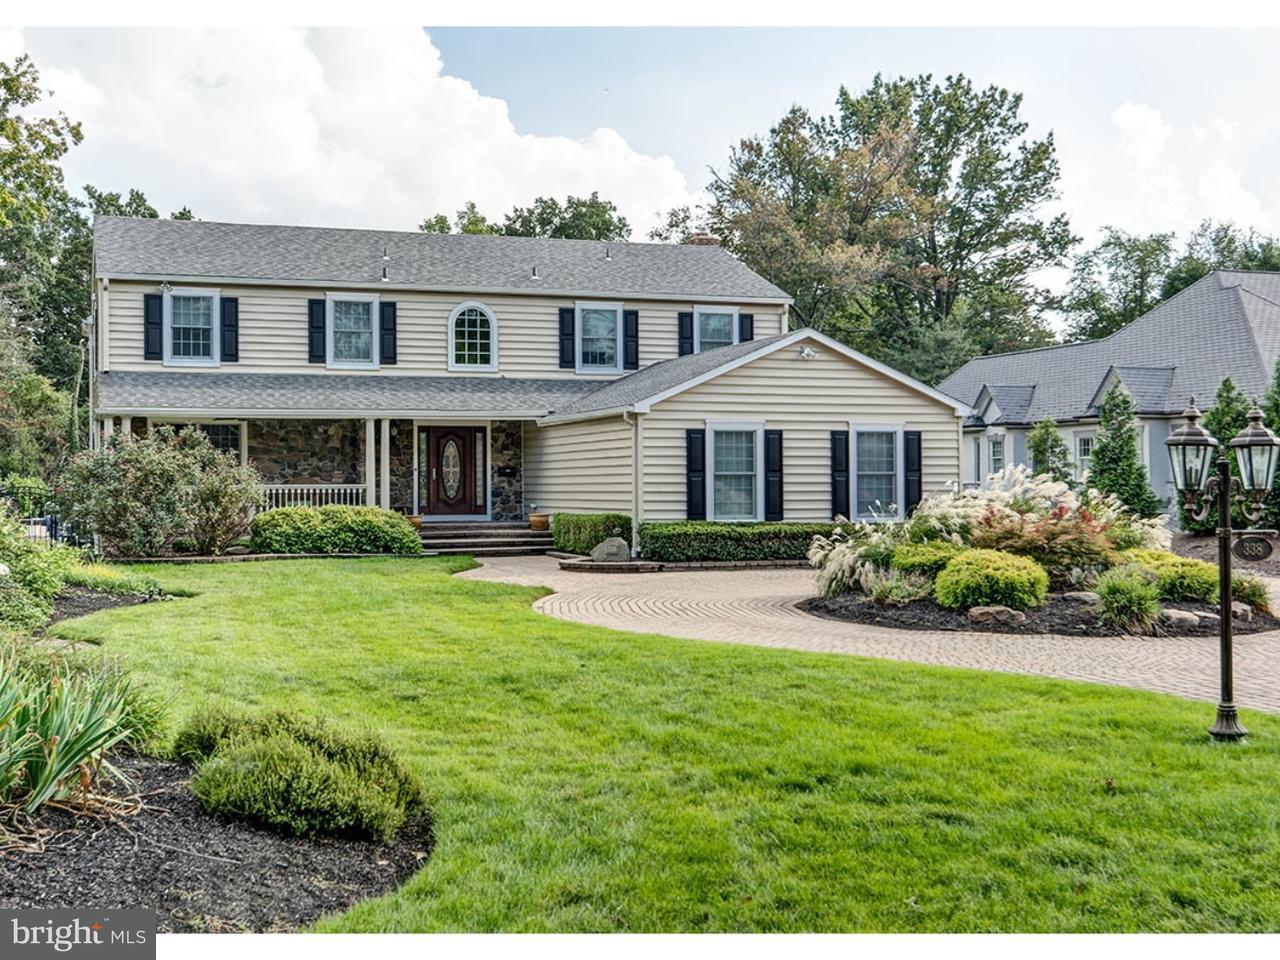 Casa Unifamiliar por un Venta en 338 KINGS HWY W Haddonfield, Nueva Jersey 08033 Estados Unidos